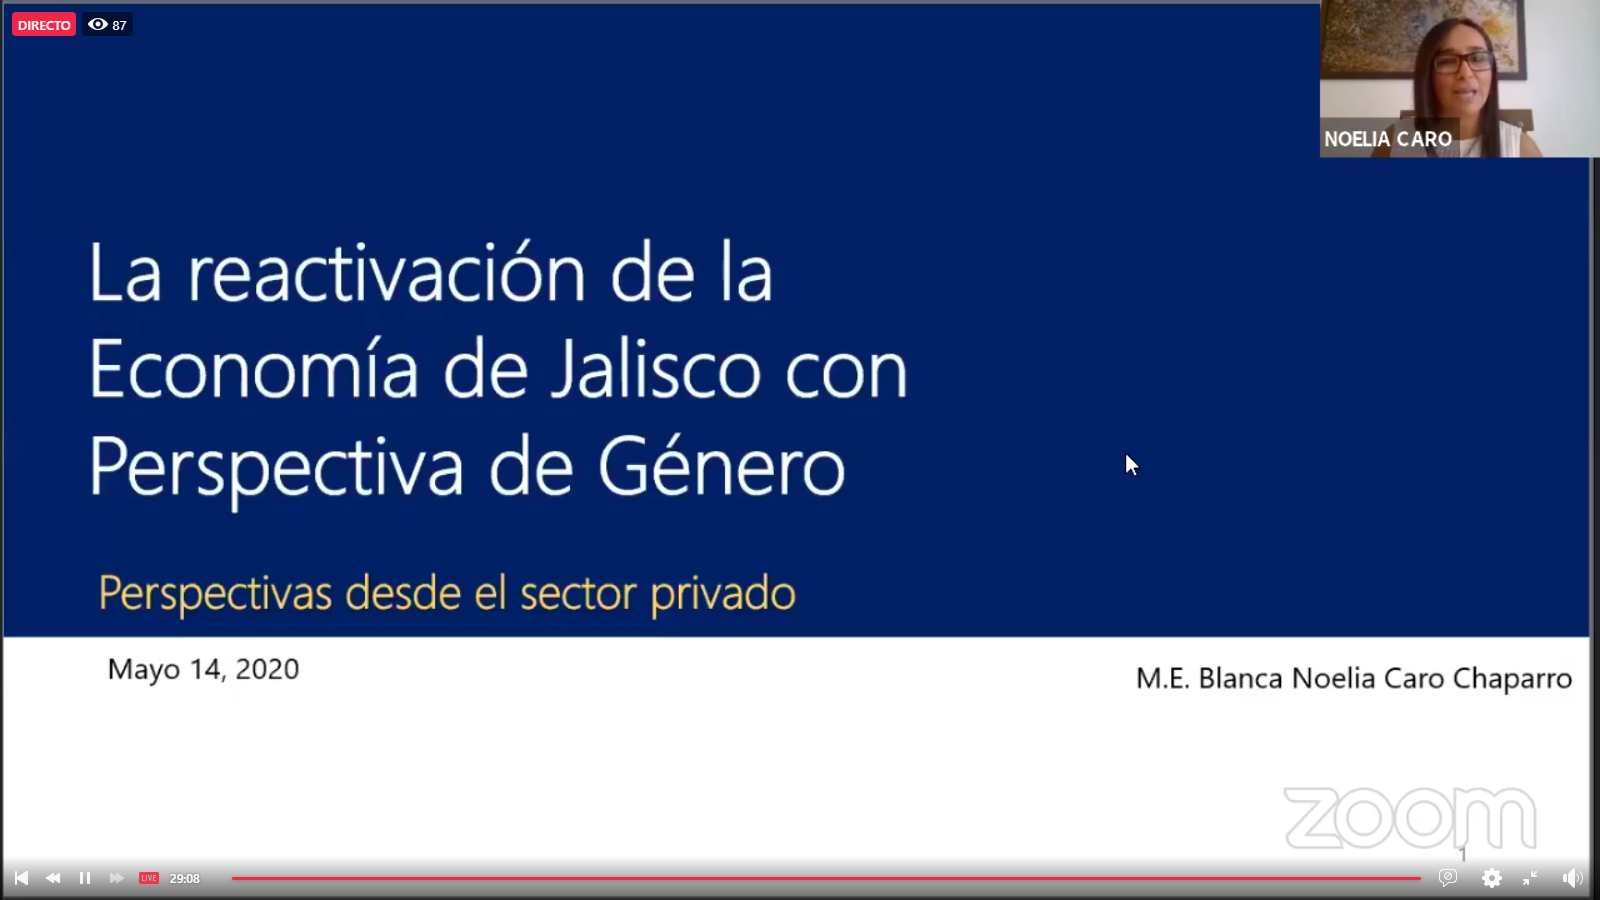 """El webinar: """"La reactivación de la economía de Jalisco con perspectiva de género"""", organizado por el Centro Universitario de Ciencias Económico Administrativas (CUCEA)"""